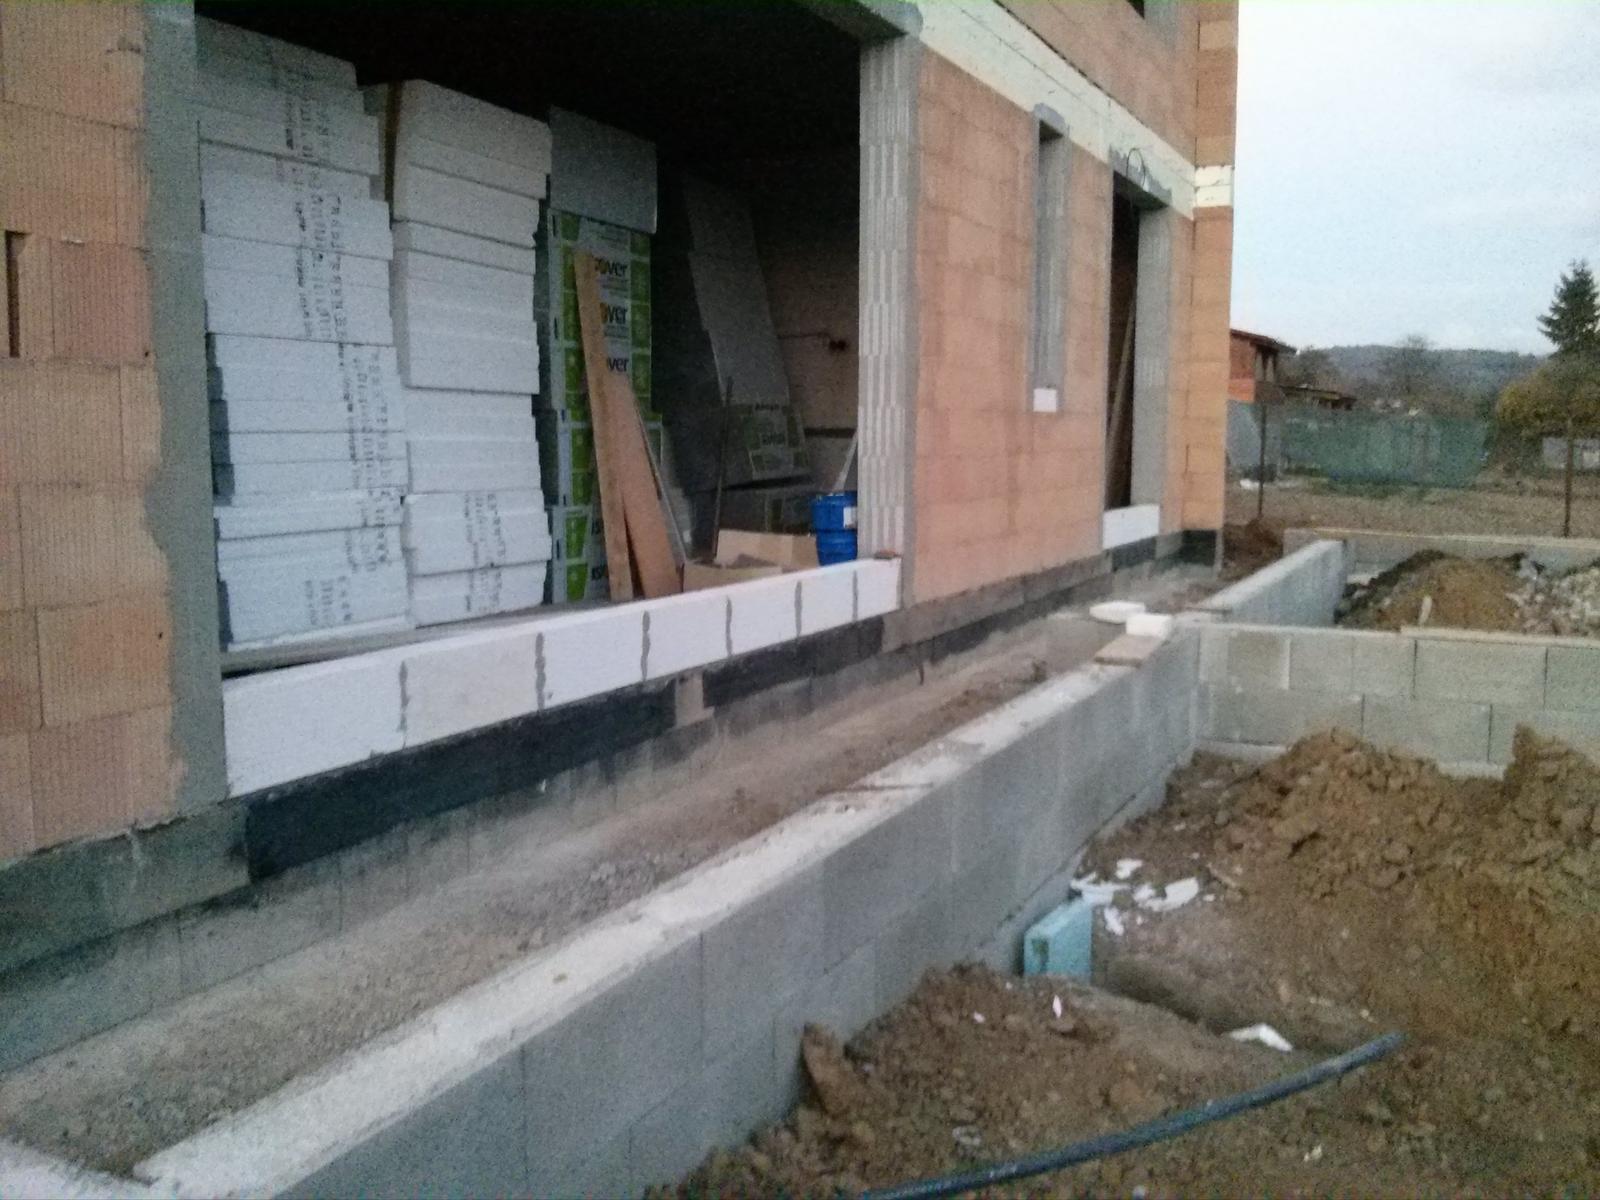 """Staviame """"pasívny"""" dom """"svojpomocne"""" - 25/10/13 - základ hotový, zvyšok dokončíme až keď budú hotové podlahy vo vnútri"""